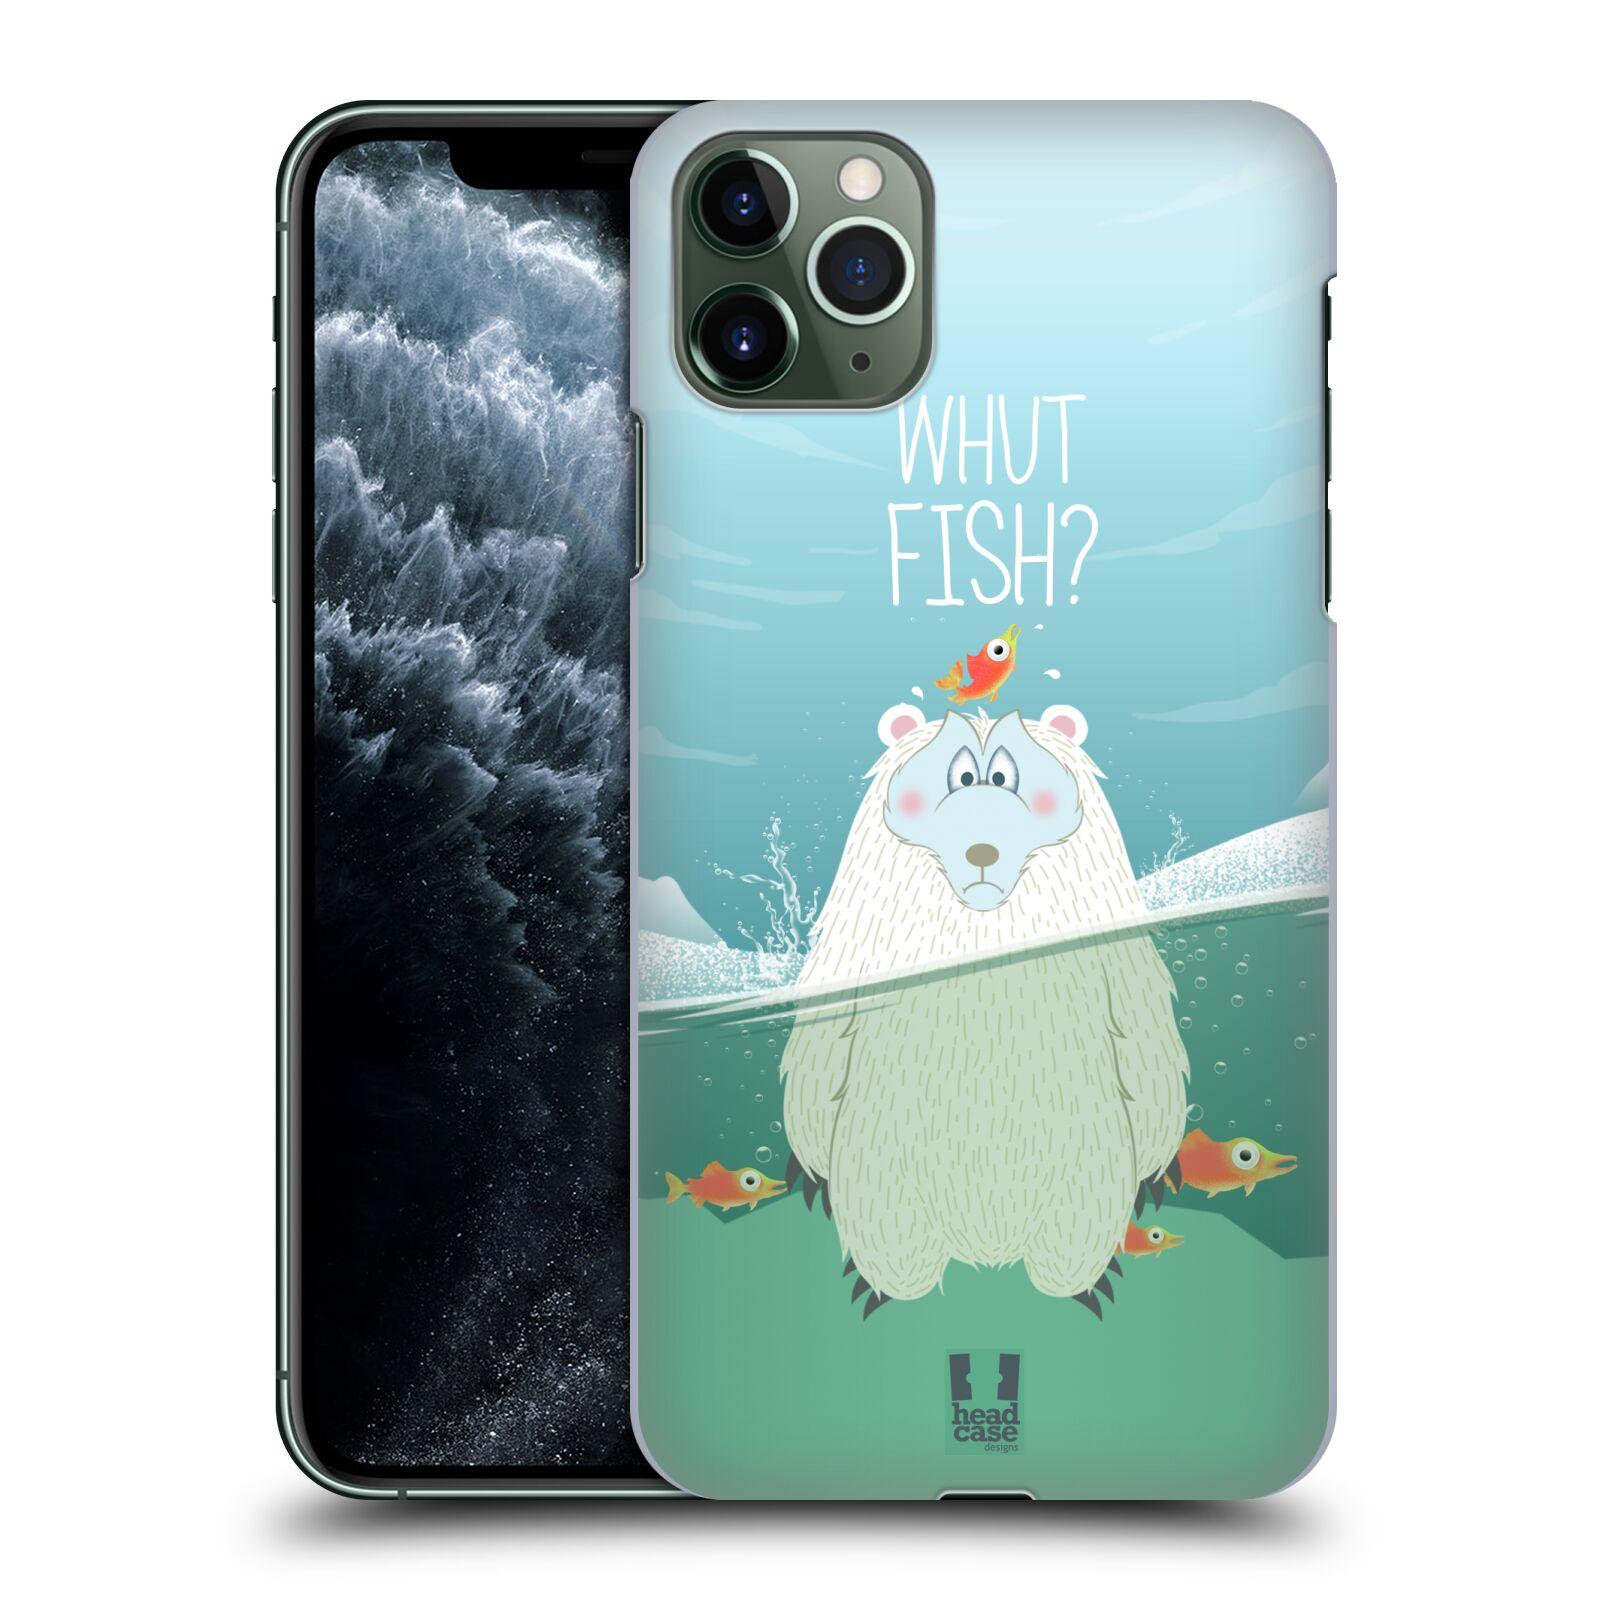 Plastové pouzdro na mobil Apple iPhone 11 Pro Max - Head Case - Medvěd Whut Fish?